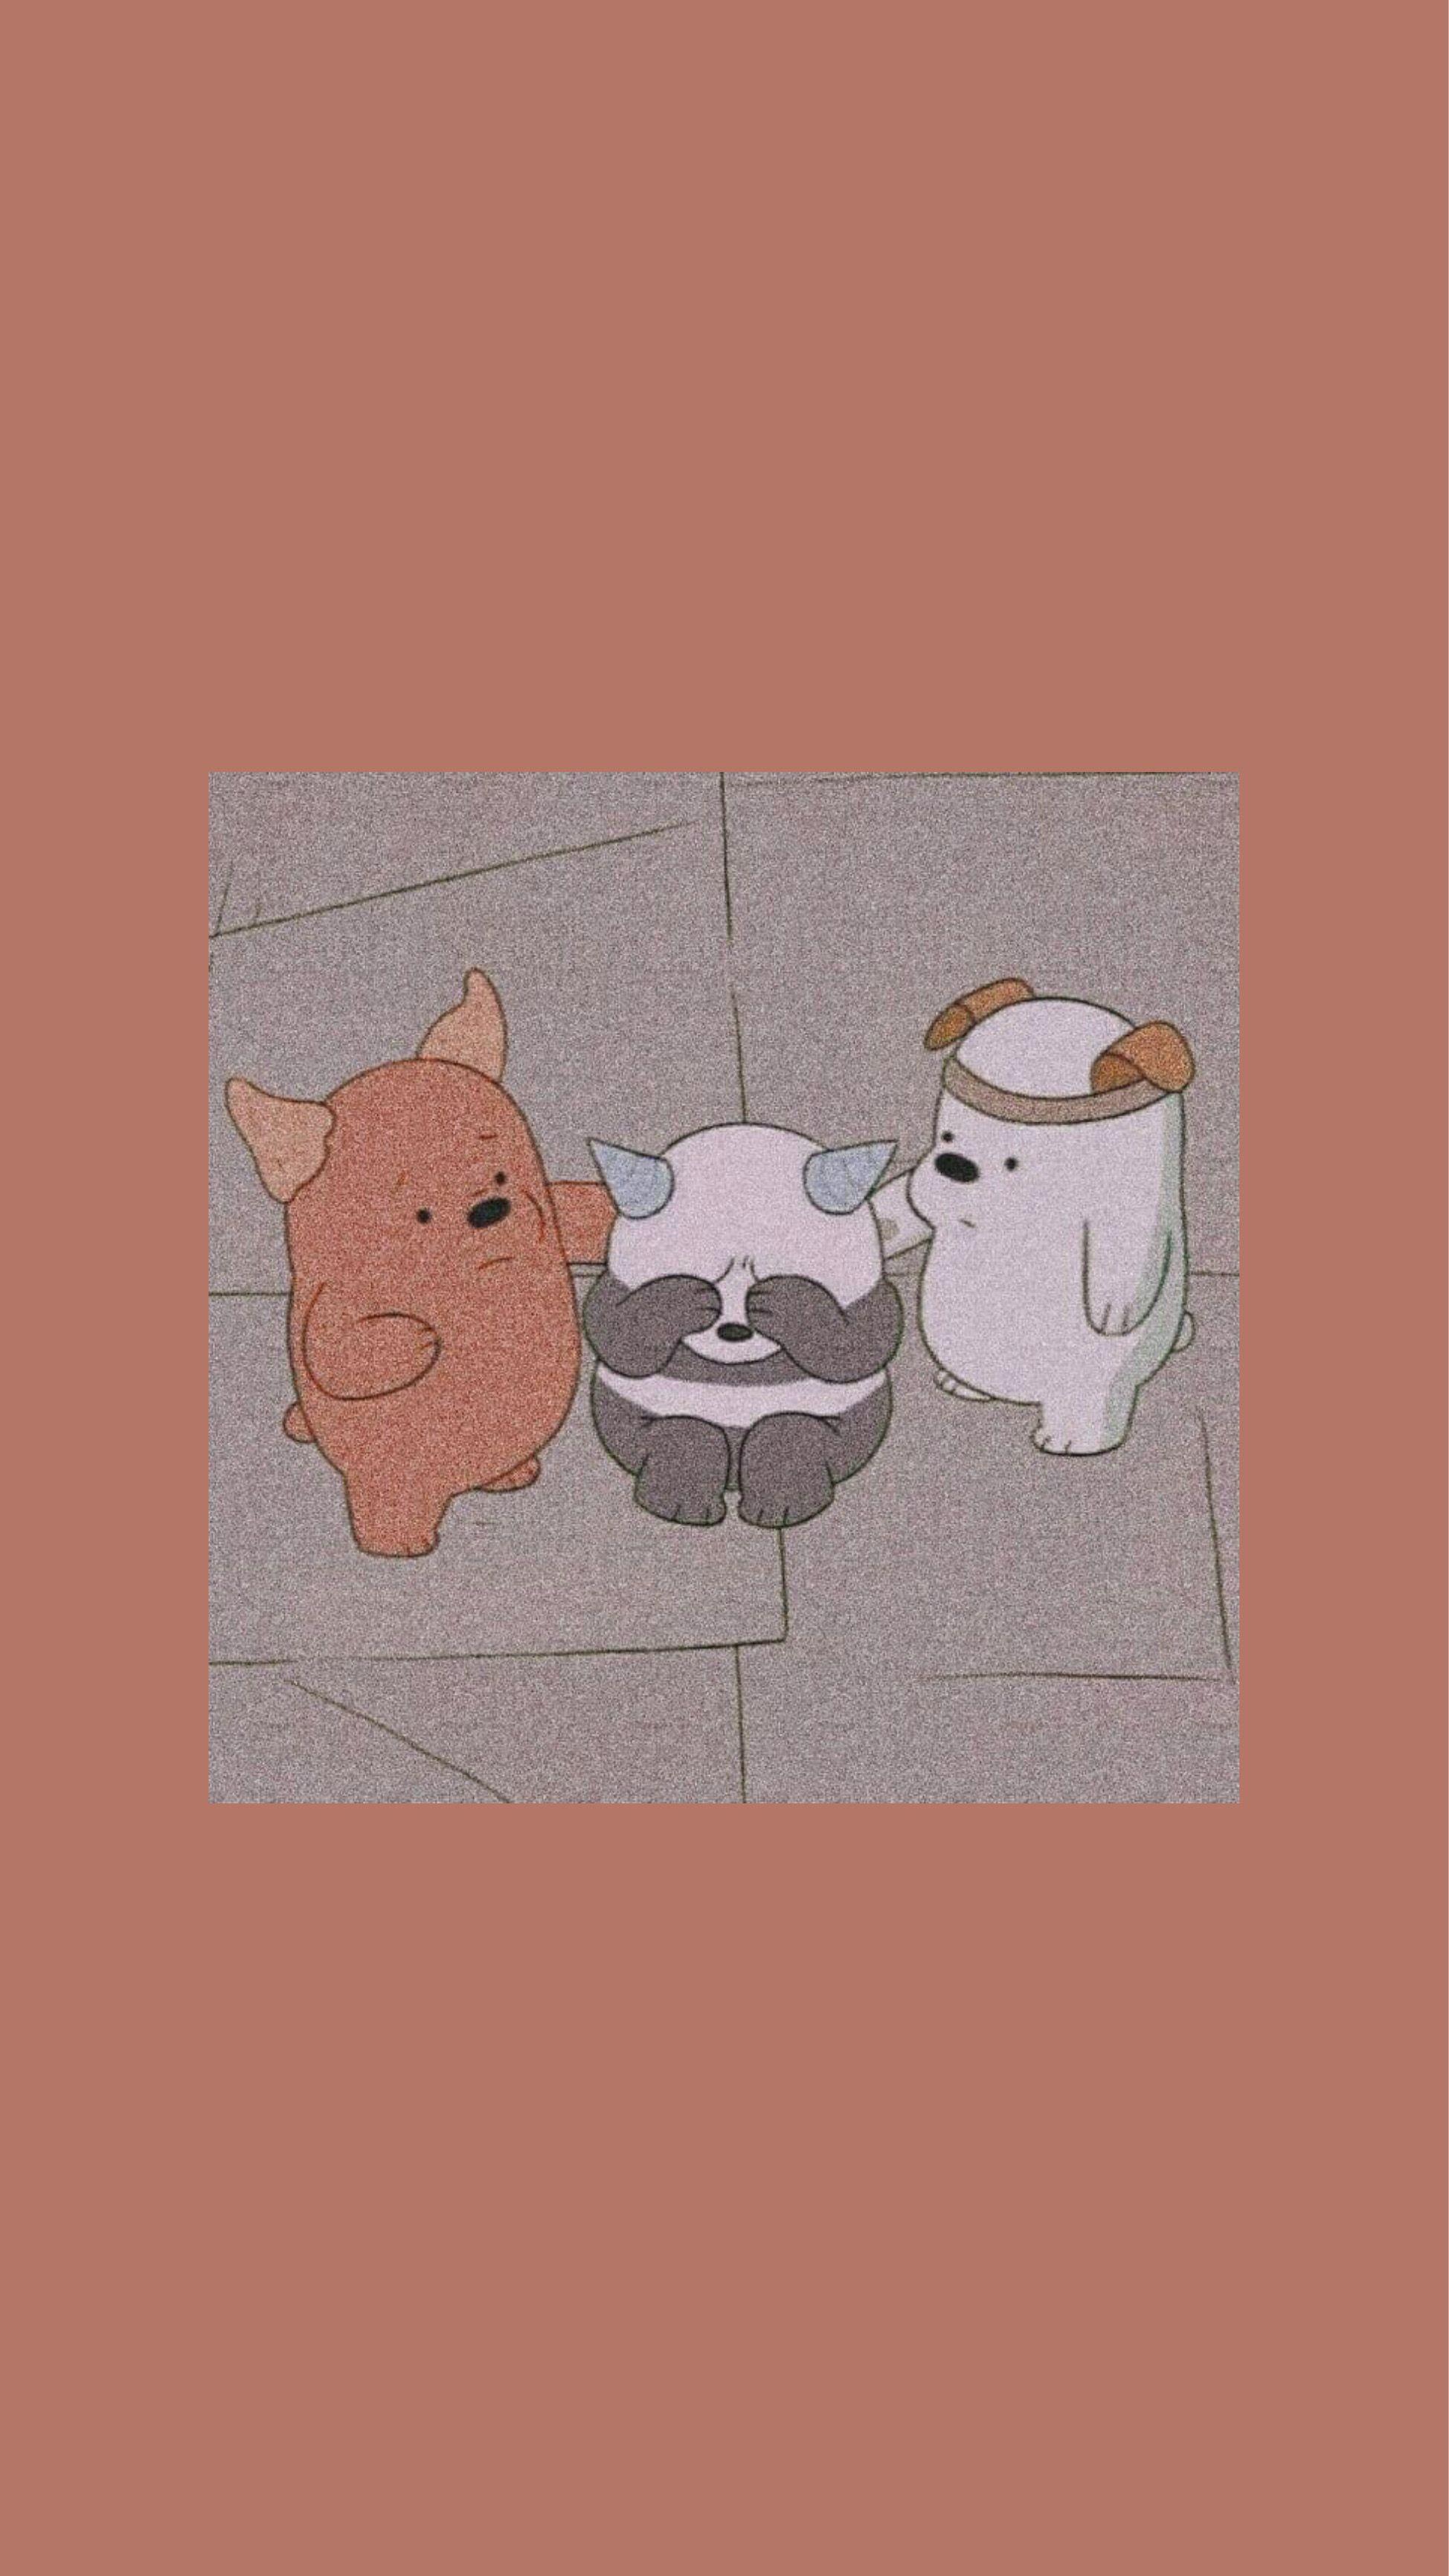 Pin by ☼ 𝓅𝒶ℯ𝒻𝒾𝓂ℯ𝓇𝒾𝒶 ☼ on wallpapers | Cute panda wallpaper, Cartoon wa